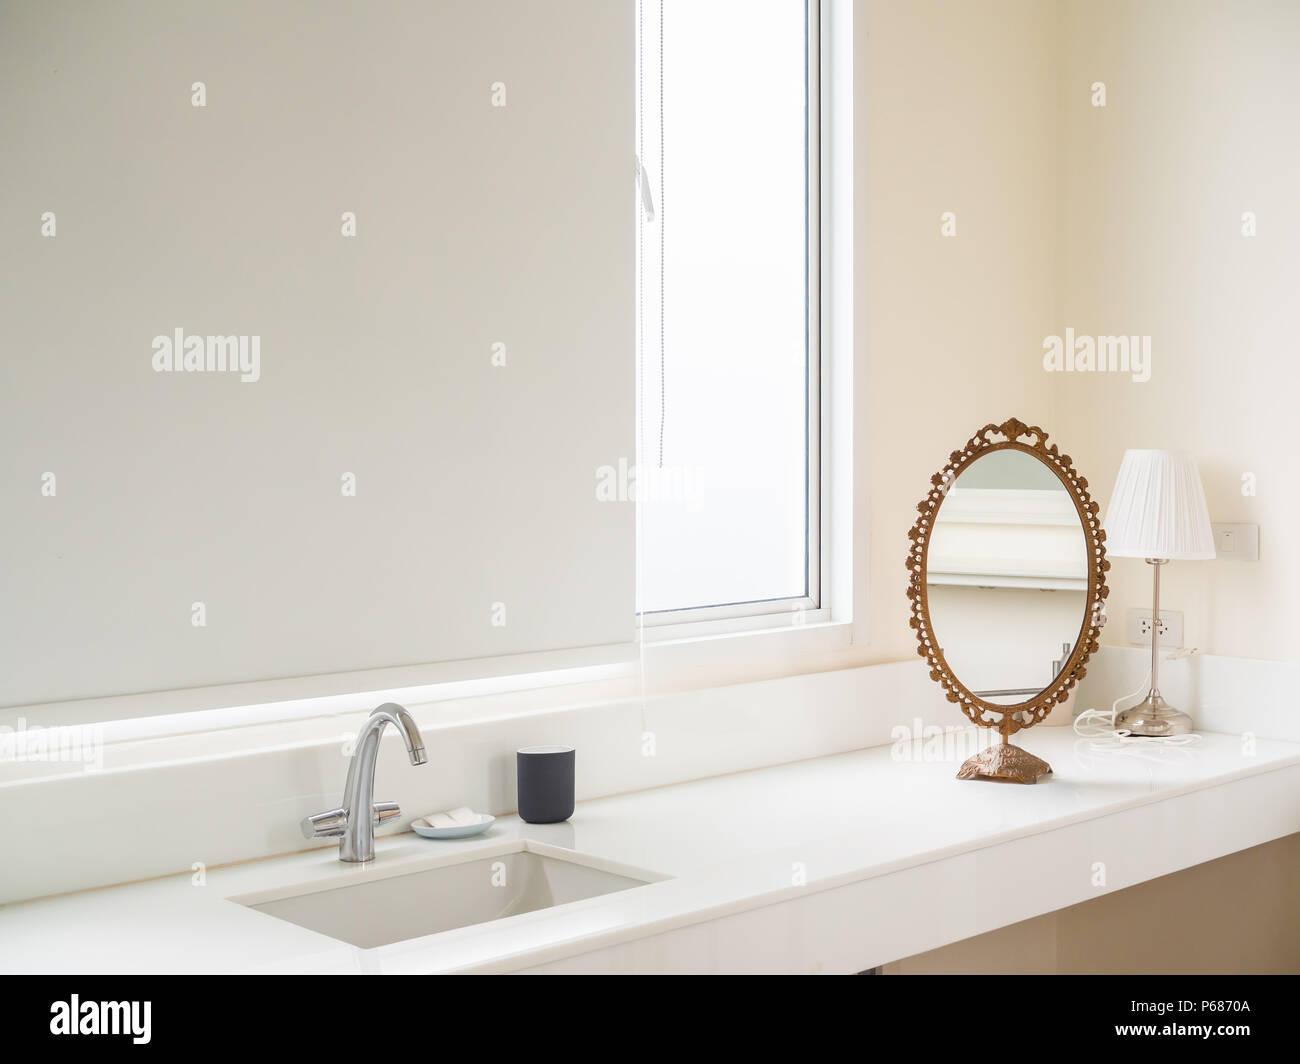 Teka design acqua a cascata rubinetto lavabo bagno bianco cromo